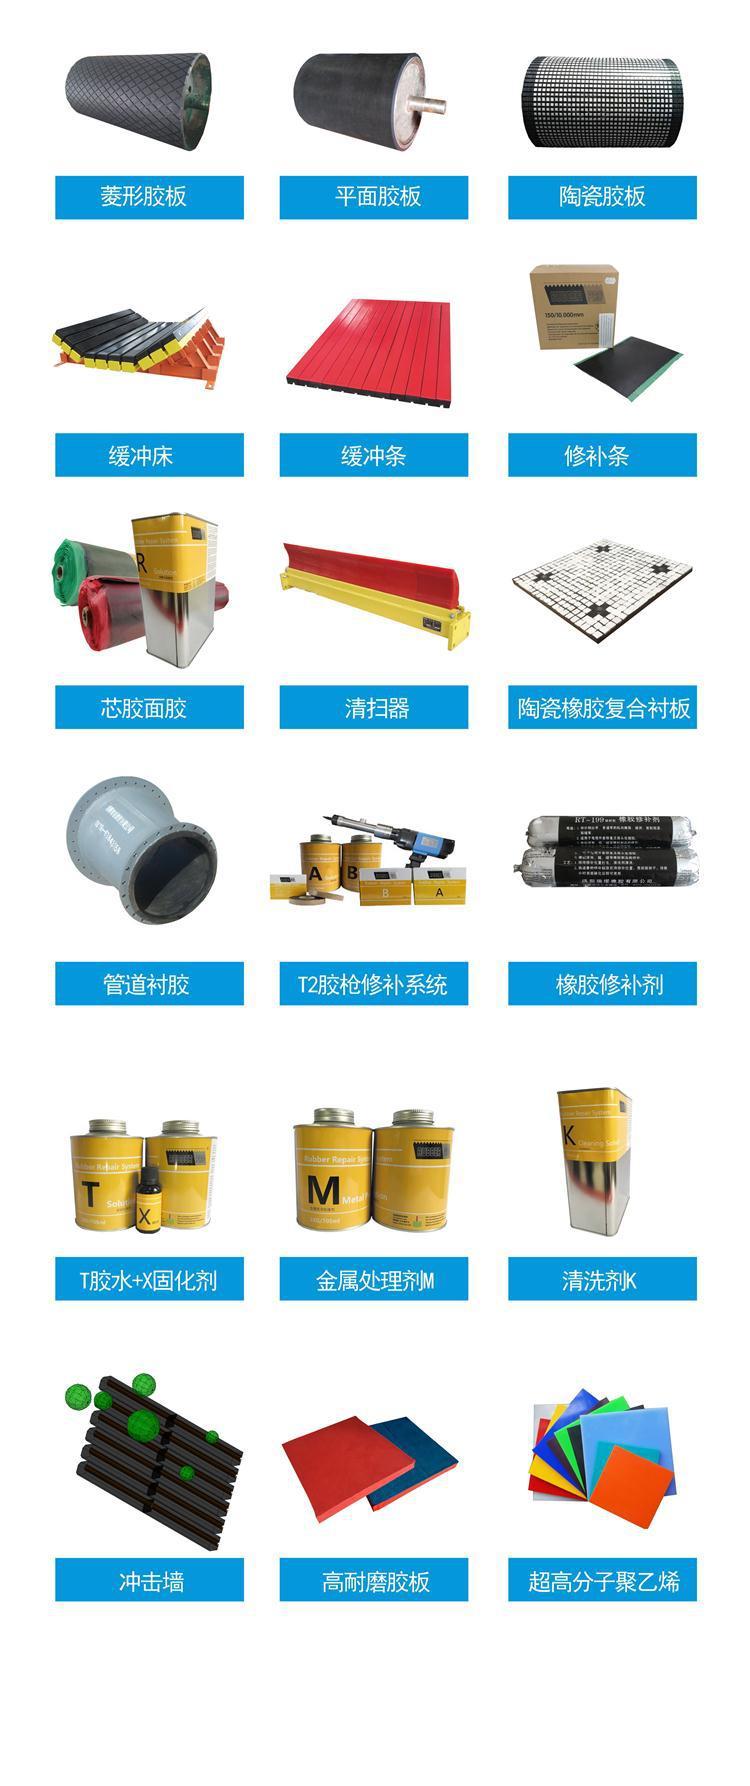 物料输送系统哪里的缓冲床厂家生产的缓冲床质量好价格便宜示例图23